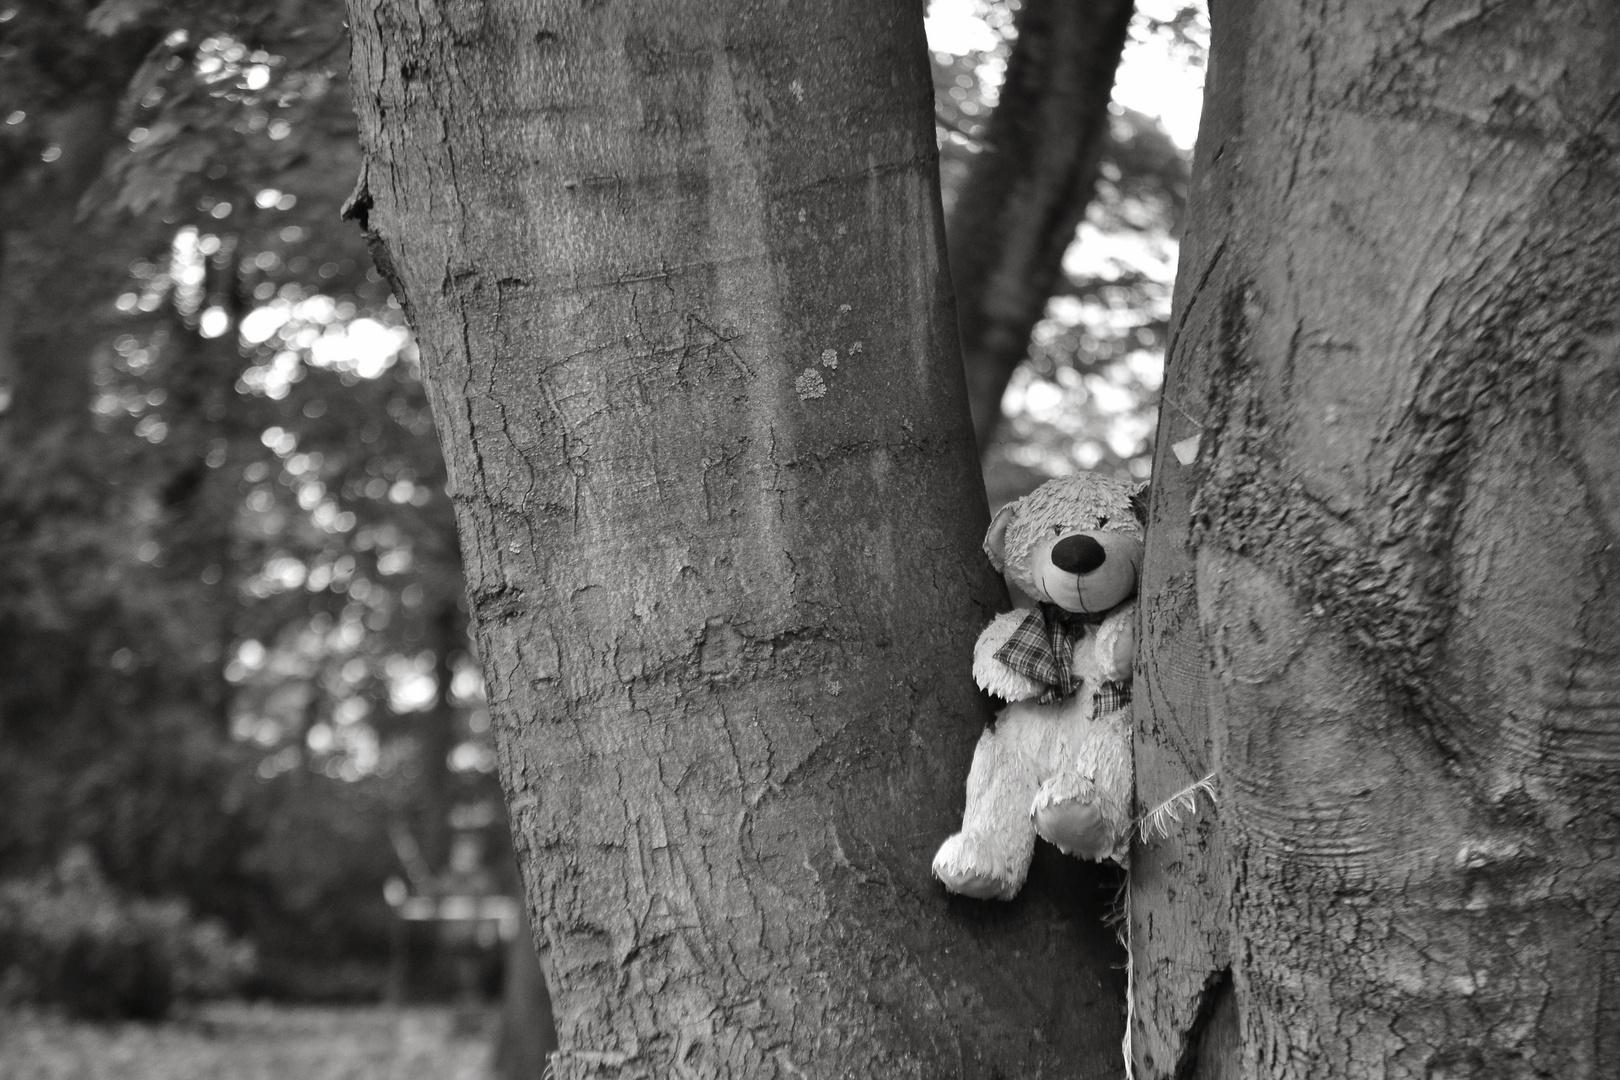 Teddy im Baum